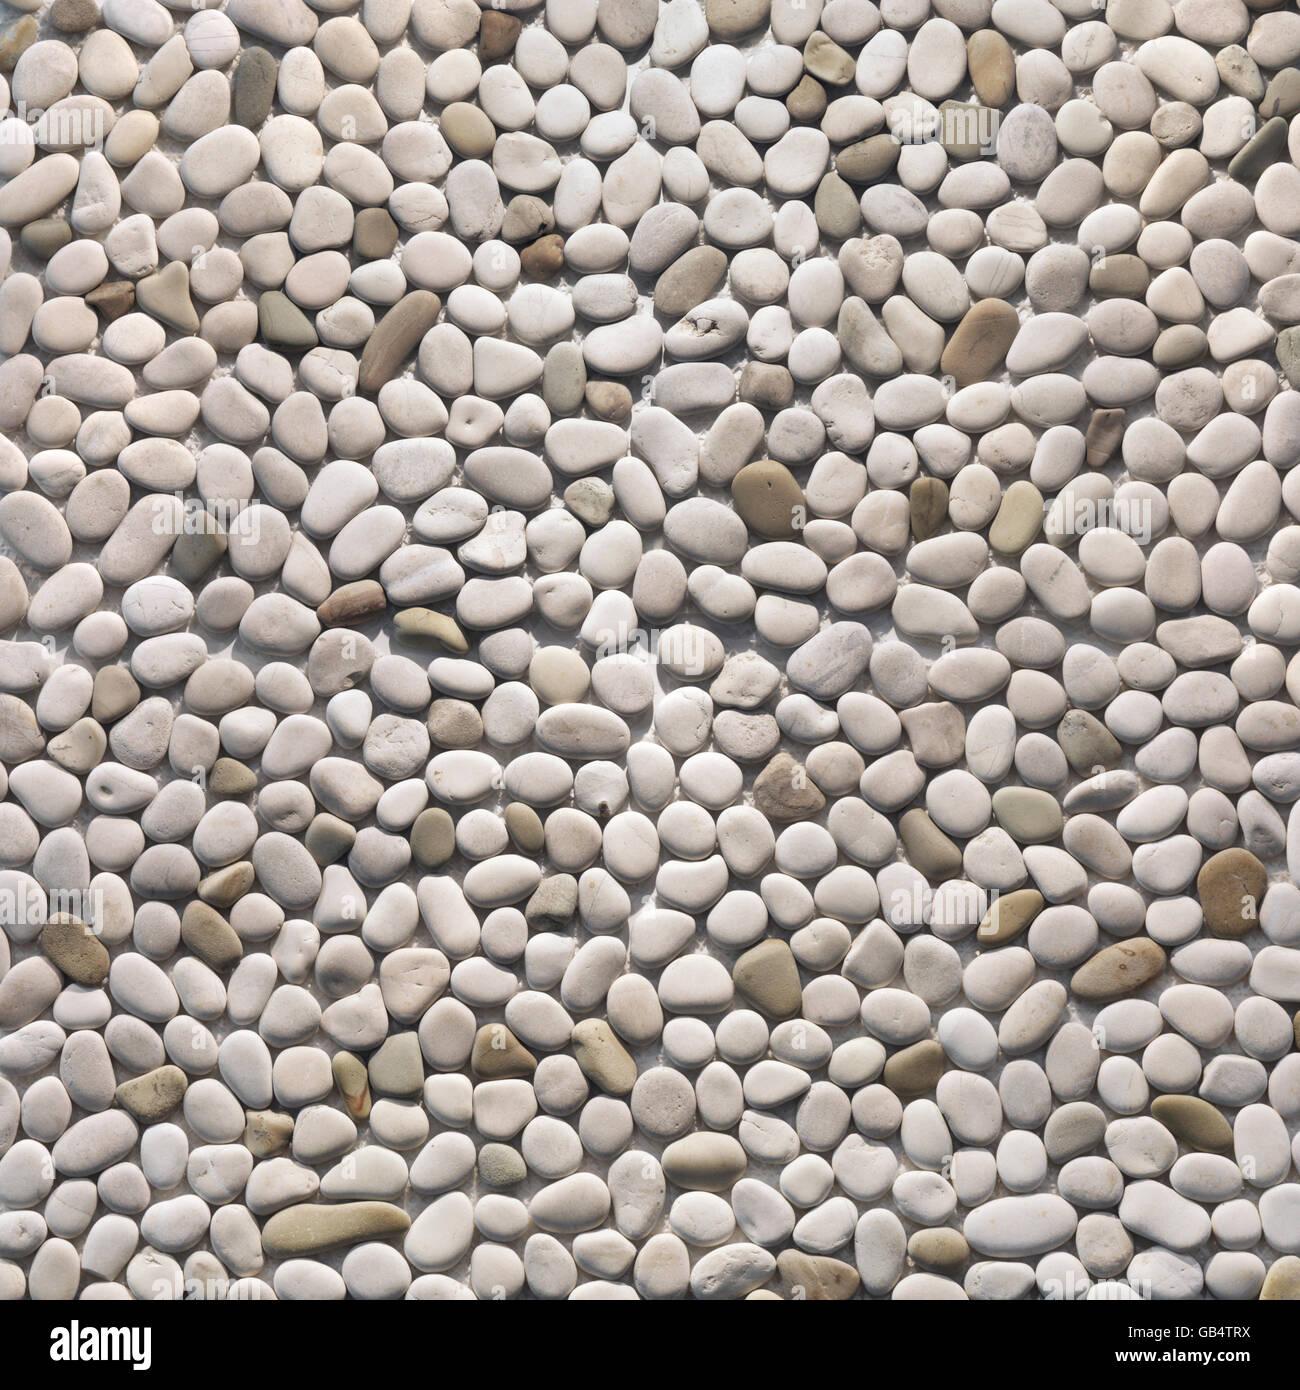 Ciottoli di avorio, interni ed esterni di finitura della pietra, texture, sfondo Immagini Stock